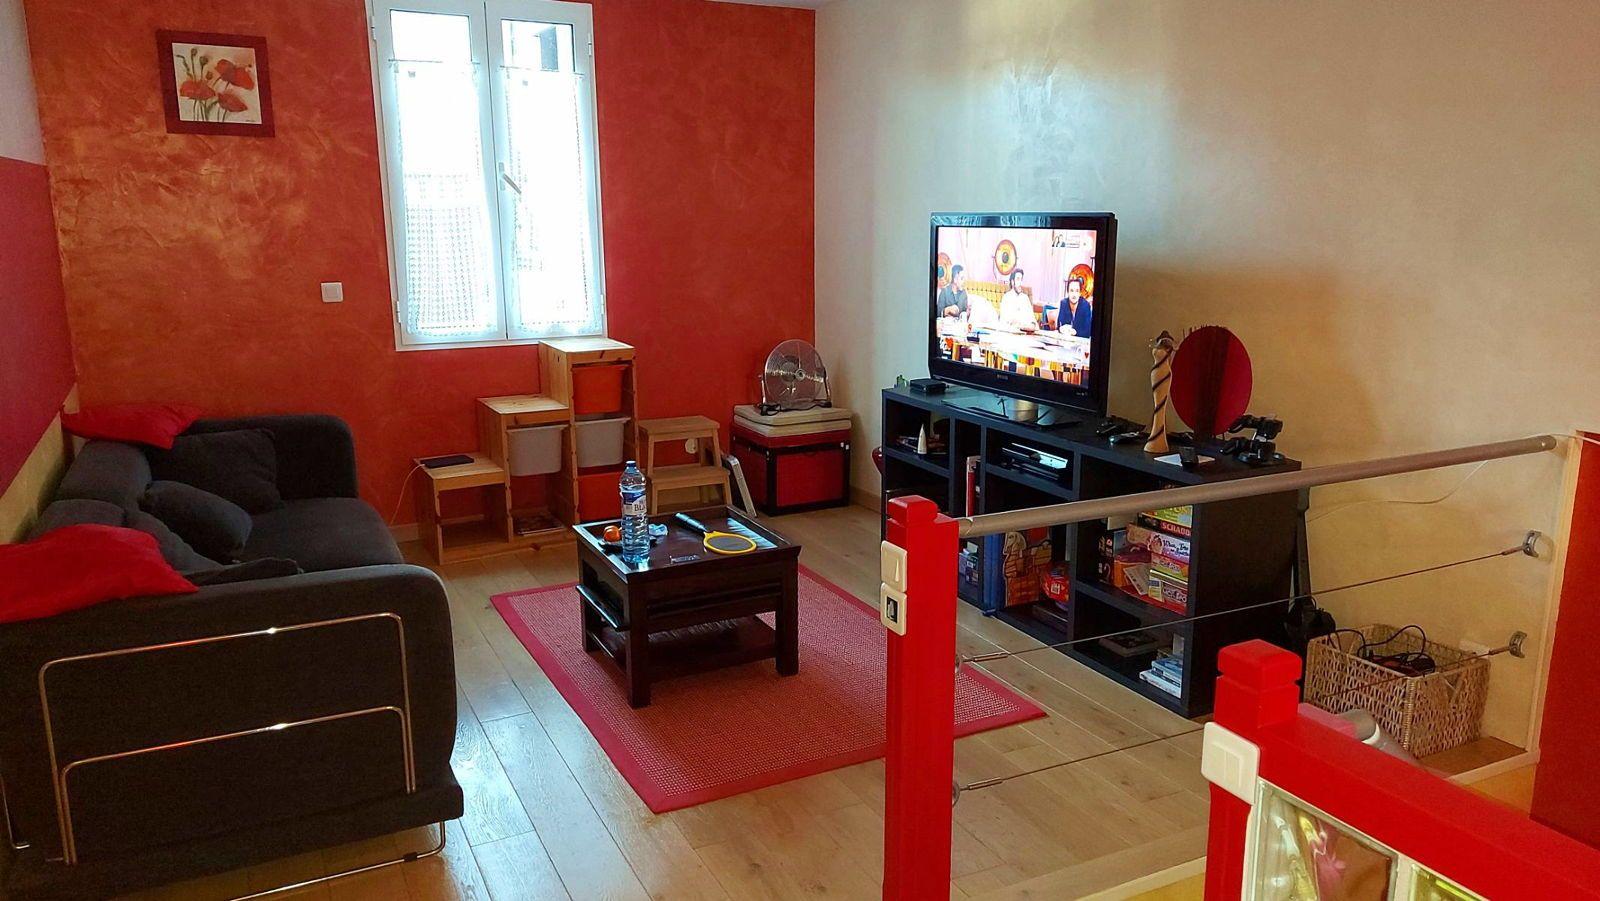 Vends appartement duplex 2pièces - 52m², Villerville (14)